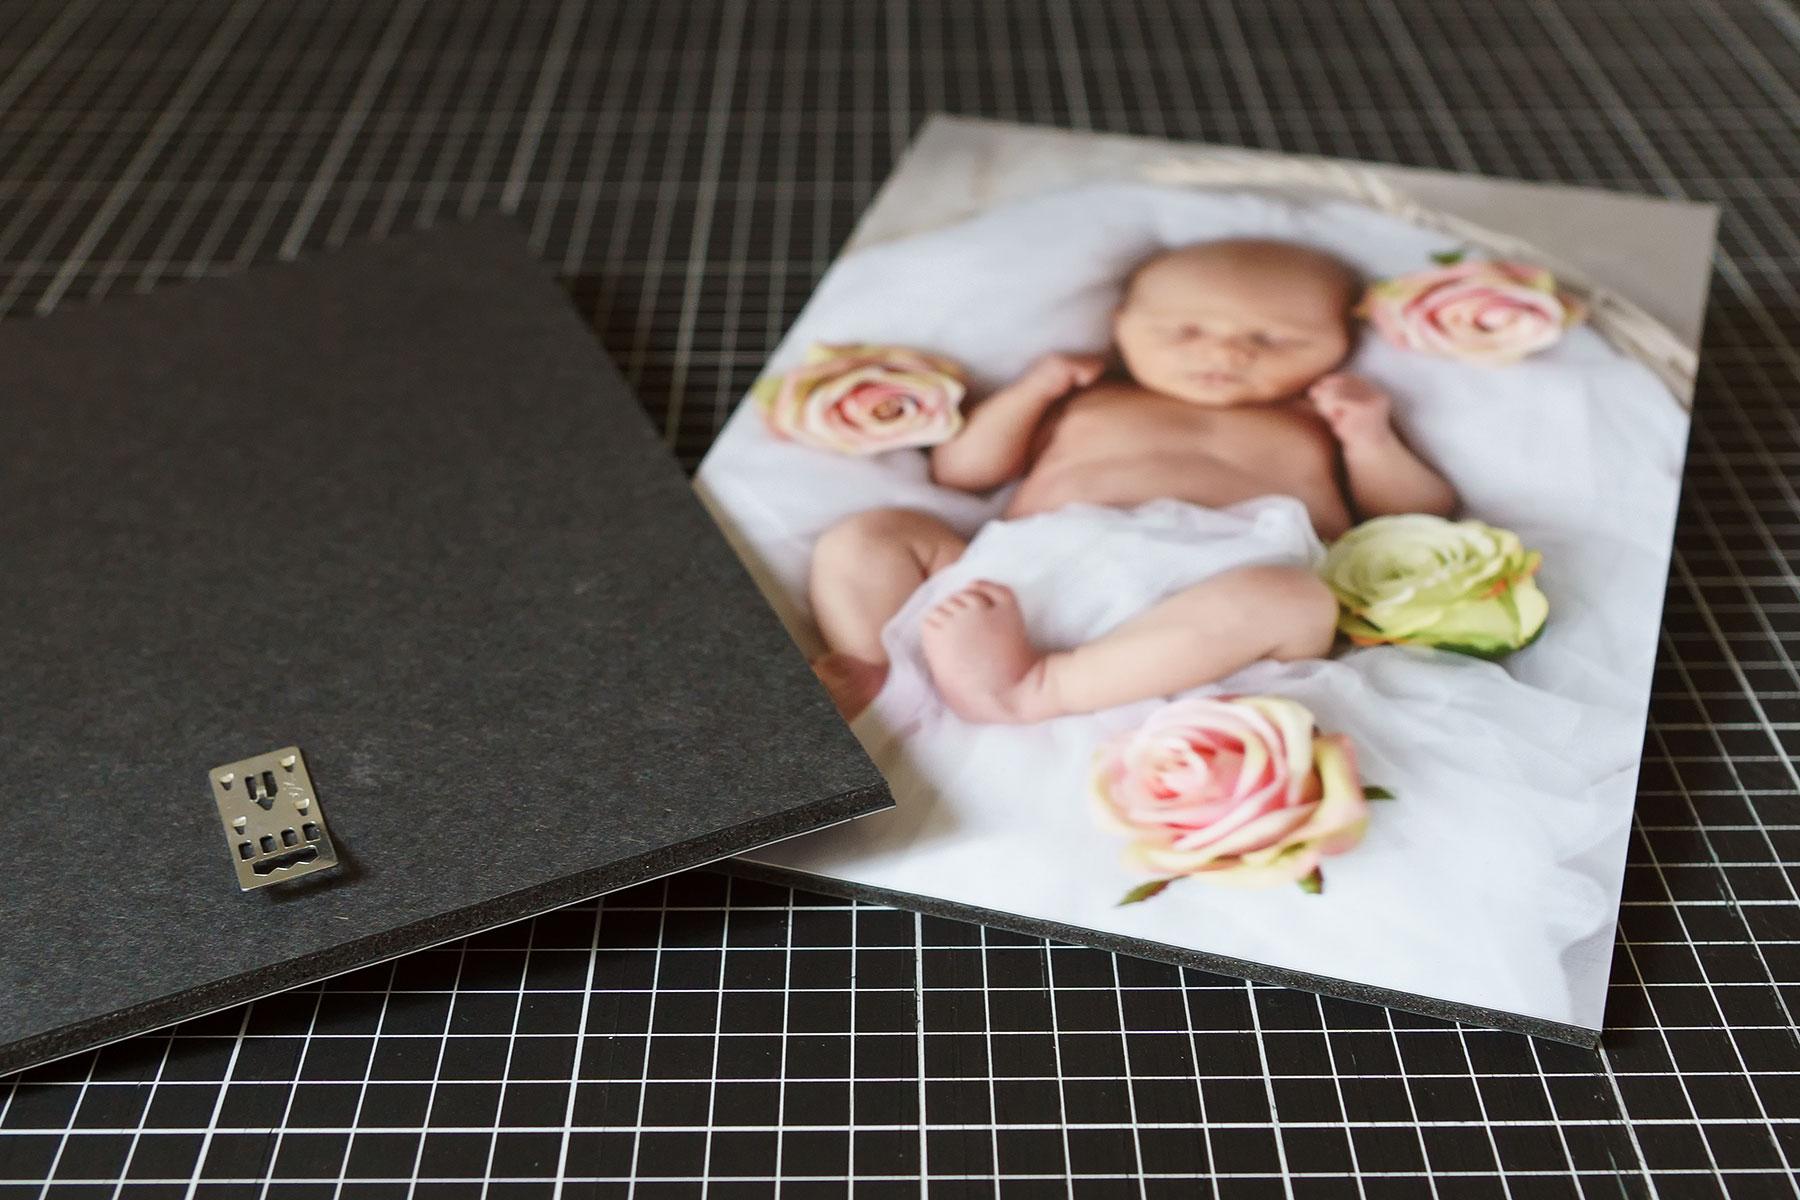 Laminovaná fotografie adjustovaná na Gata desku